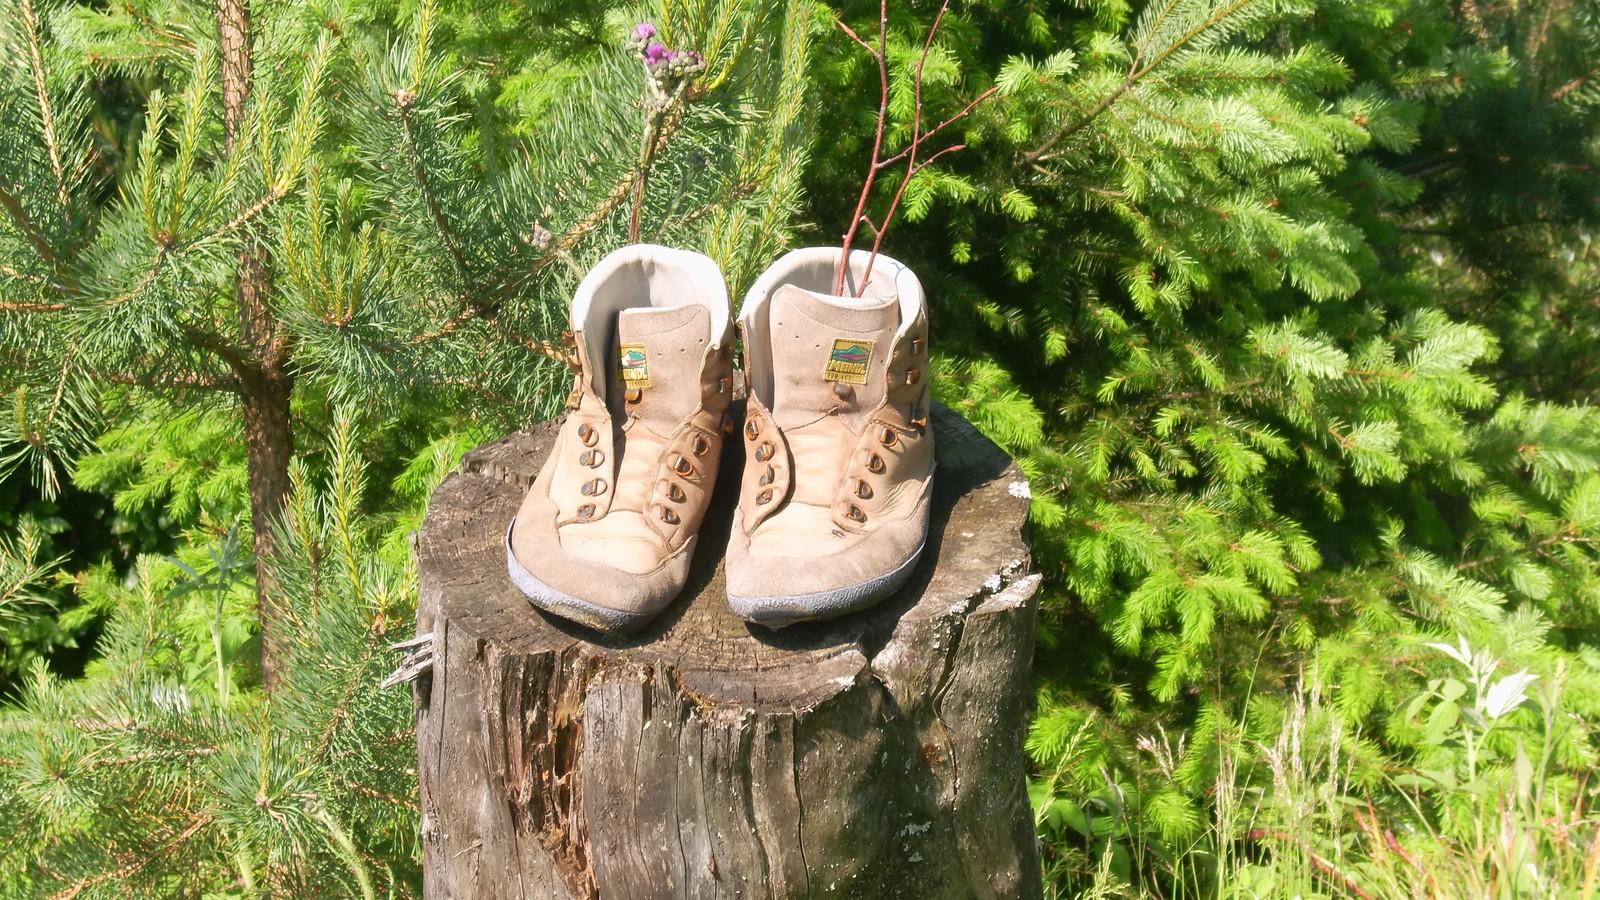 Schuhe auf Baumstamm